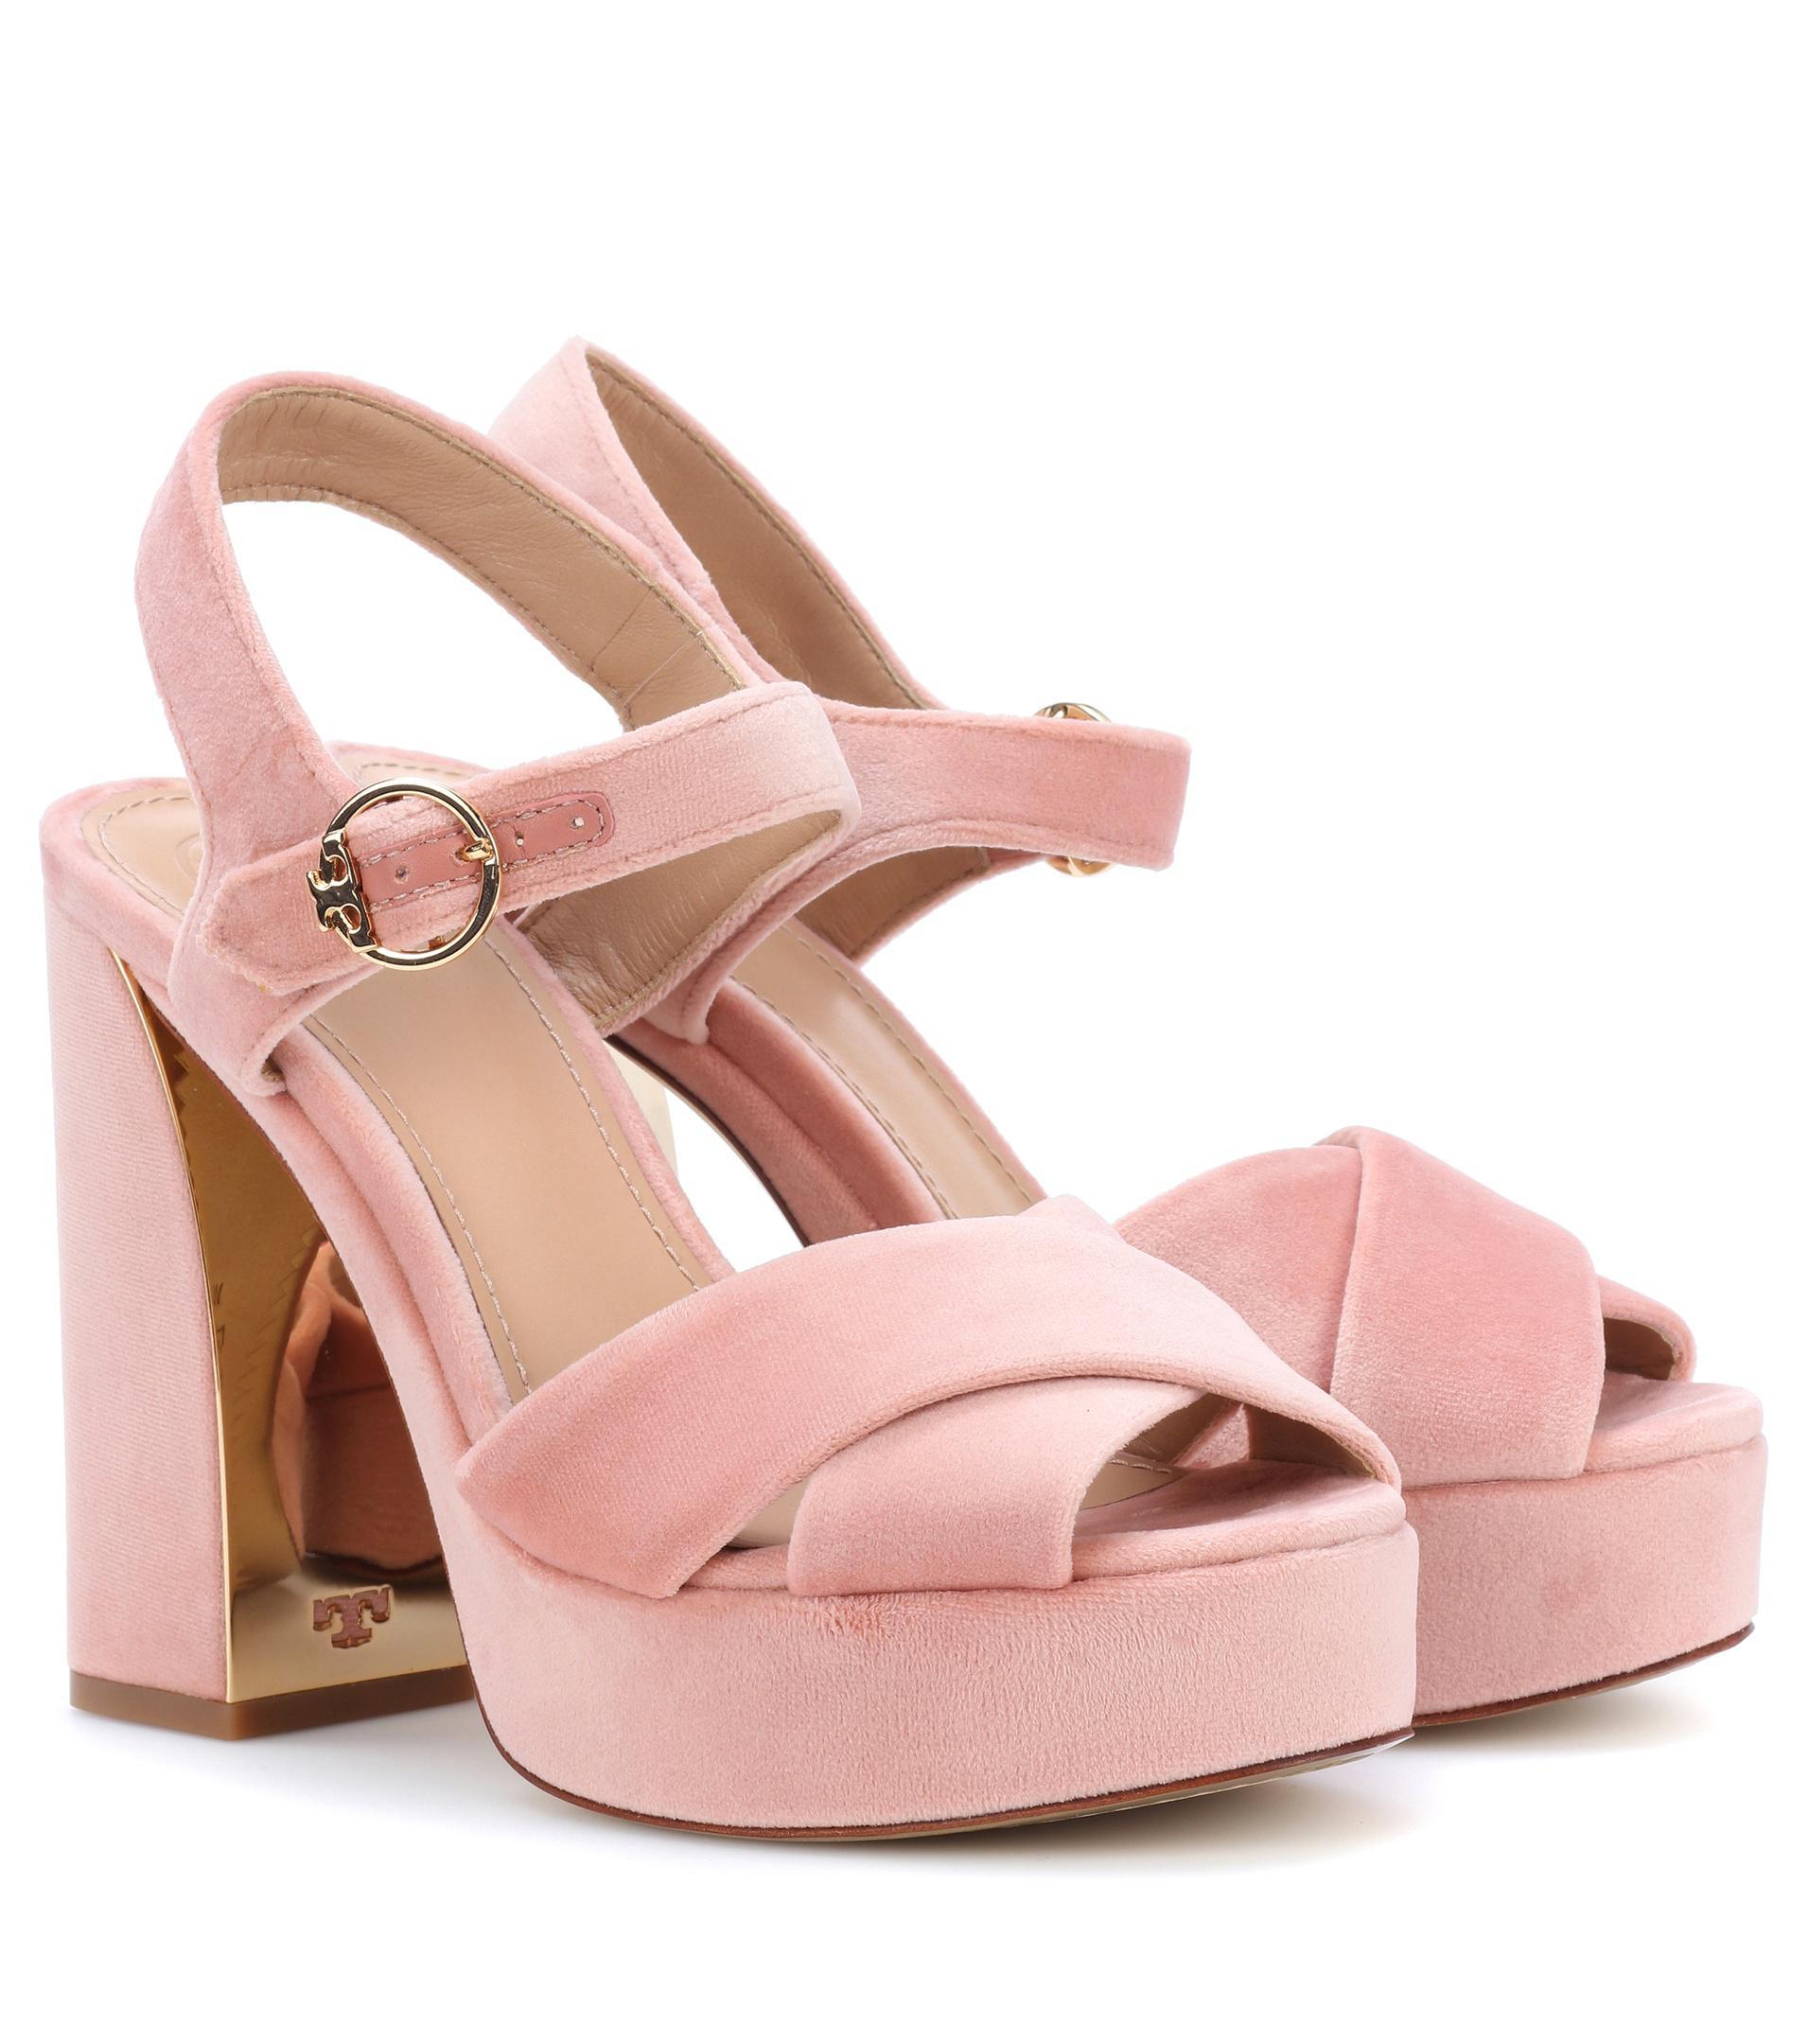 472e62d5358 Tory Burch Loretta Velvet Plateau Sandals in Pink - Lyst